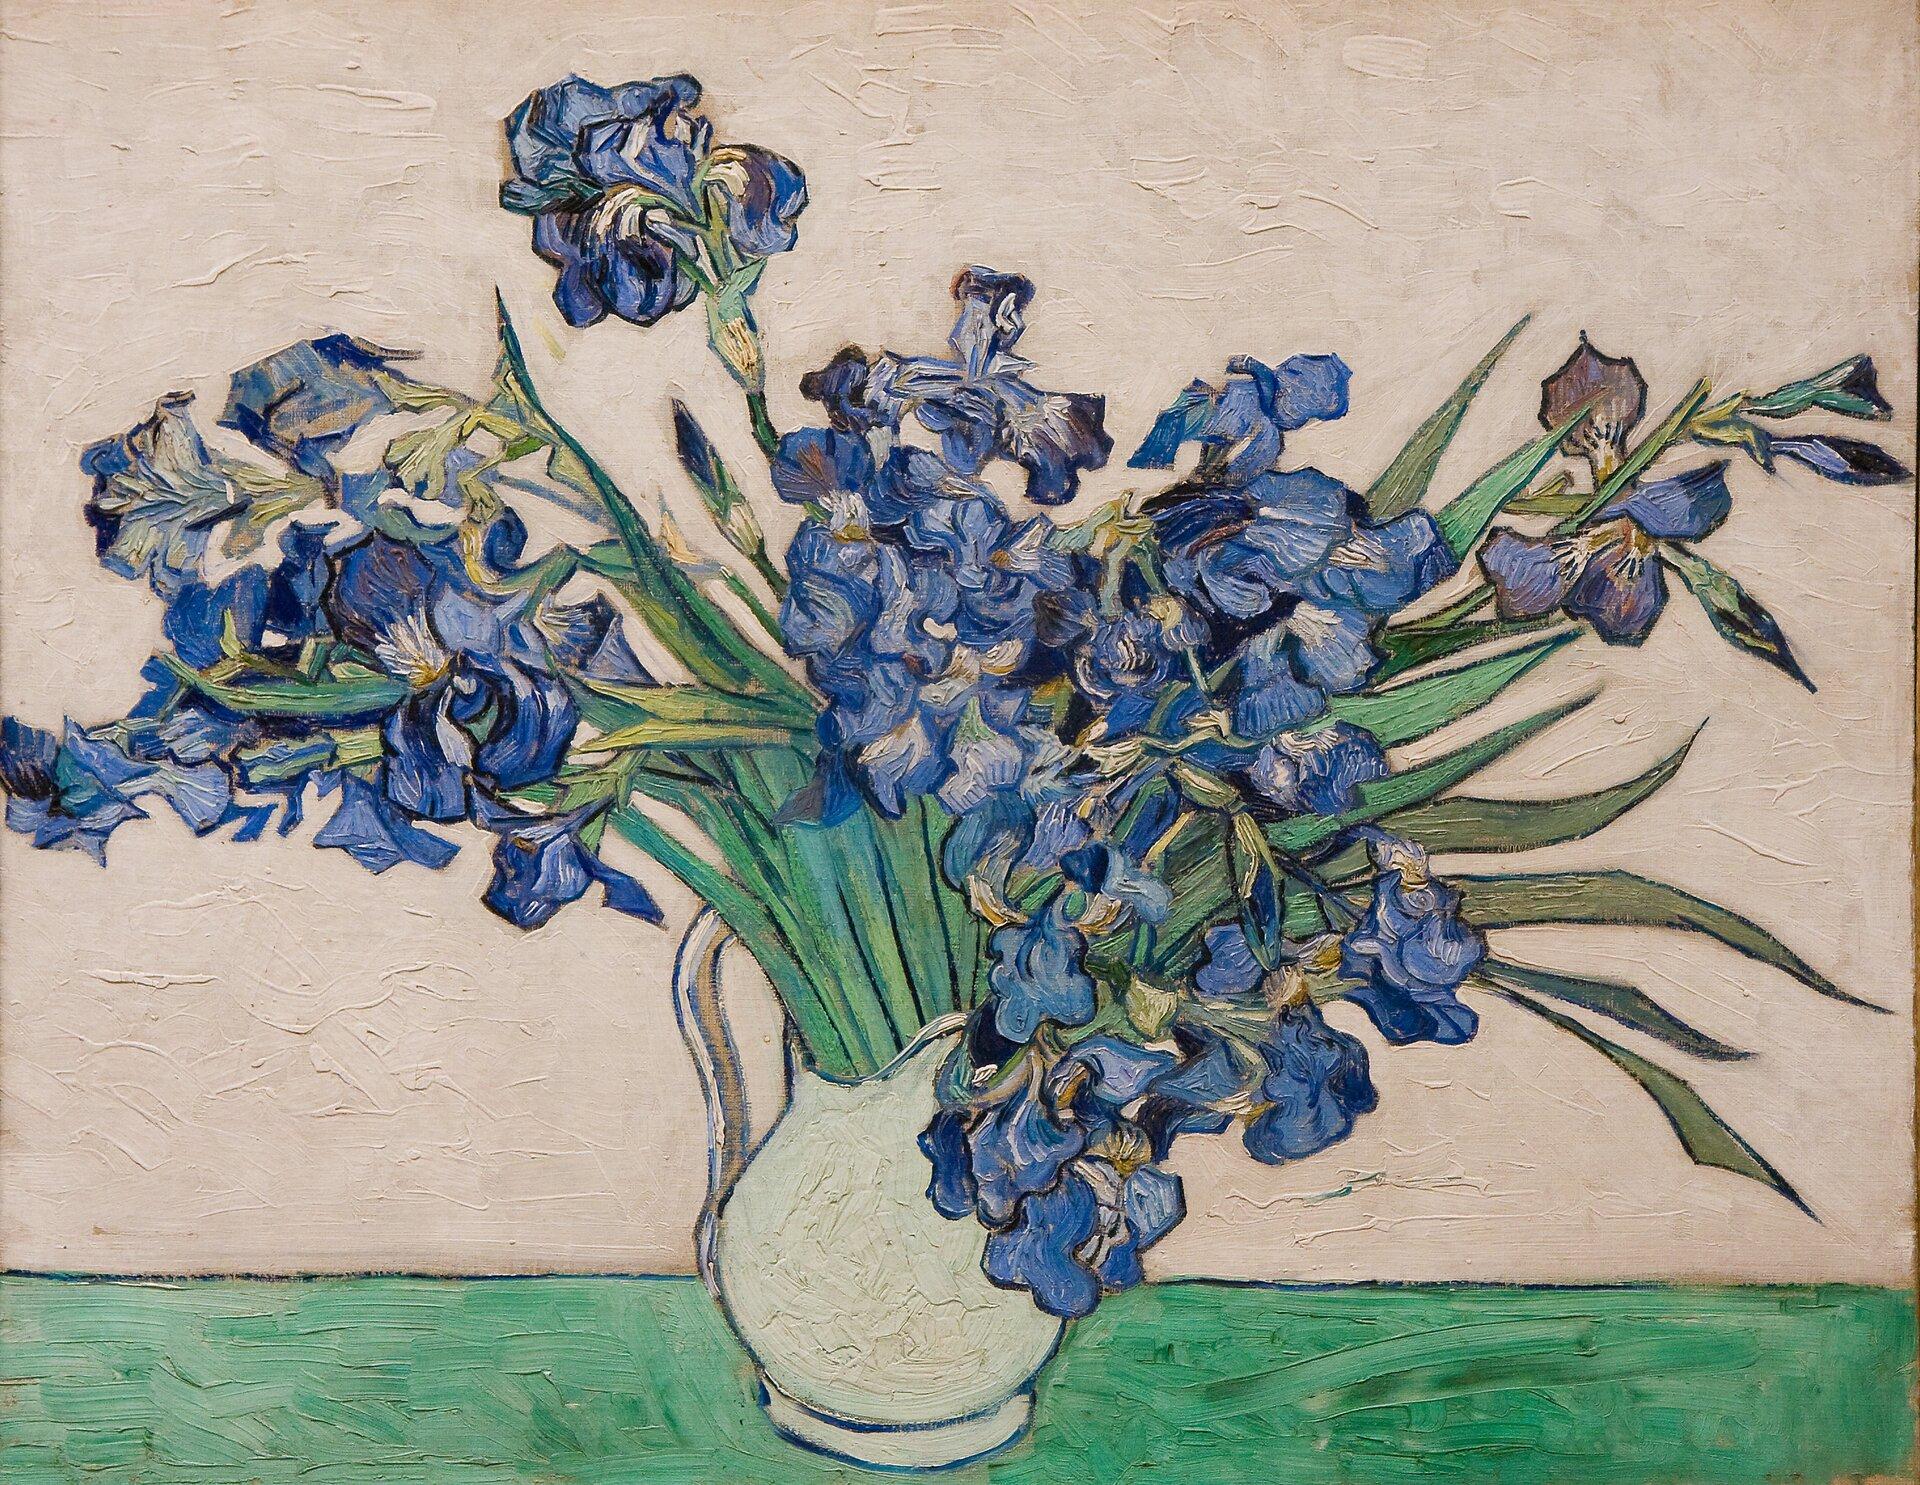 """Ilustracja przedstawia obraz olejny """"Irysy"""" autorstwa Vincenta Van Gogha. Artysta namalował na obrazie biały dzbanek zbukietem niebieskich kwiatów. Całość ustawiona jest na zielonym podłożu wtle znajduje się biała ściana. Kompozycja może wydawać się statyczna jednak bujne, powyginane irysy nadają obrazowi dynamiki. Tło oraz dzbanek zostały namalowane płasko, szerokimi pociągnięciami pędzla, grubą warstwą farby, impasto. Zupełnie inaczej artysta potraktował bukiet – tutaj malarz przyłożył dużą wagę do detalu iodwzorowania natury. Każdy kwiat jet namalowany zniezwykłą wnikliwością, wręcz czuje się ich aksamitną delikatność. Powyginane kształty niebieskich kwiatów stanowią kontrast zokalającymi je podłużnymi liśćmi."""